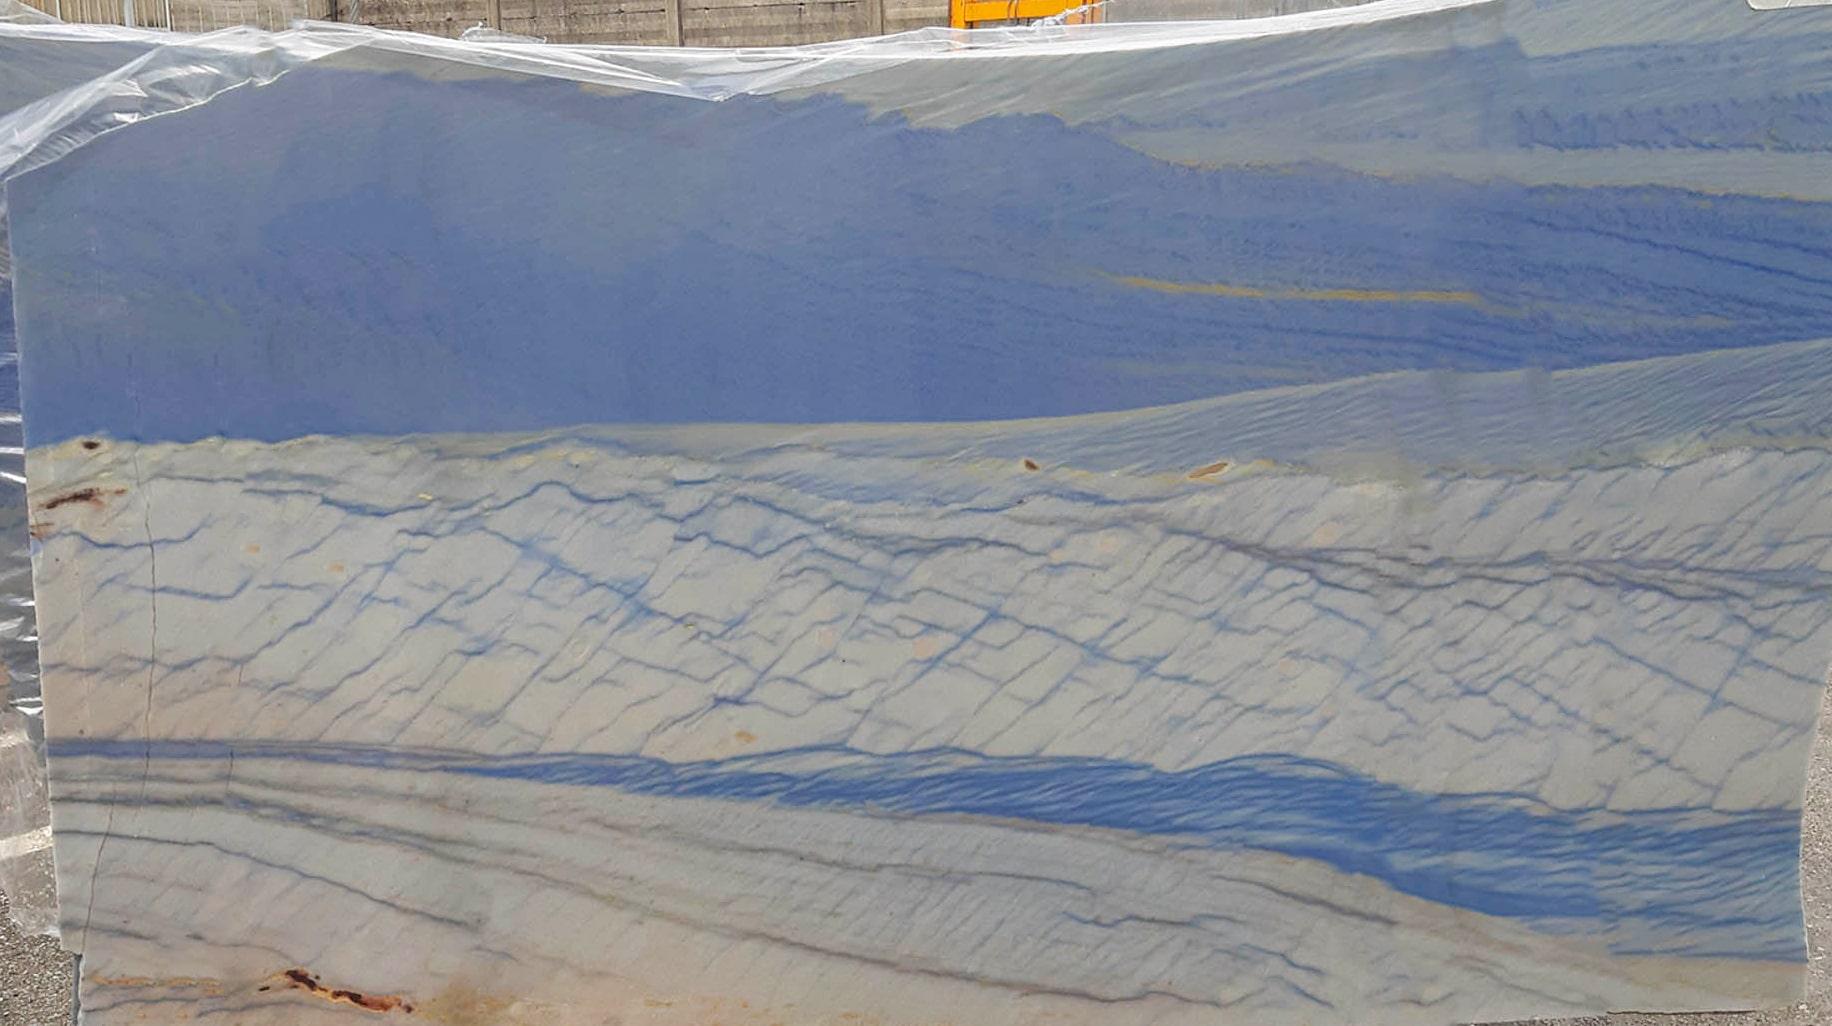 azul bahia macaubas marble 2 evola